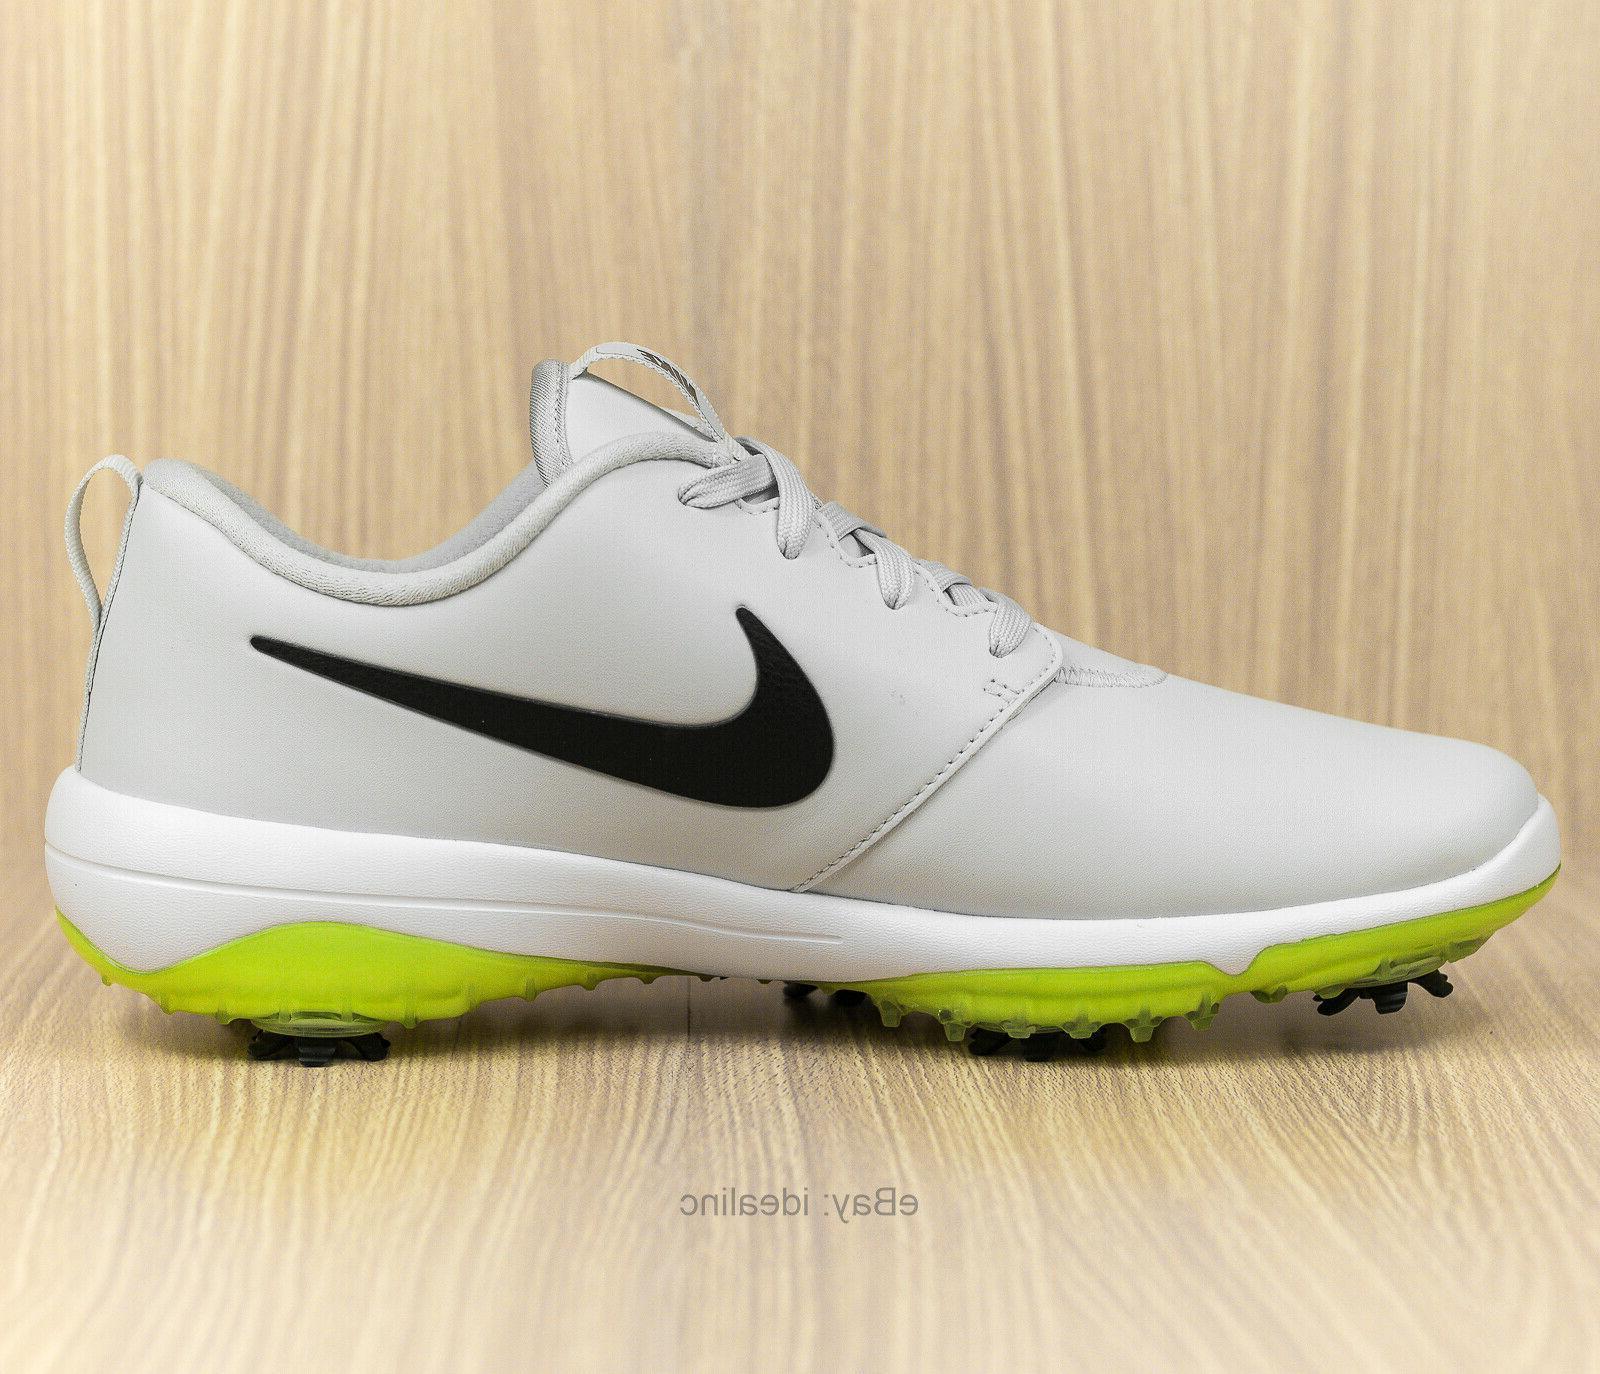 Nike Roshe Tour Golf Waterproof AR5580-002 Men's size 9.5